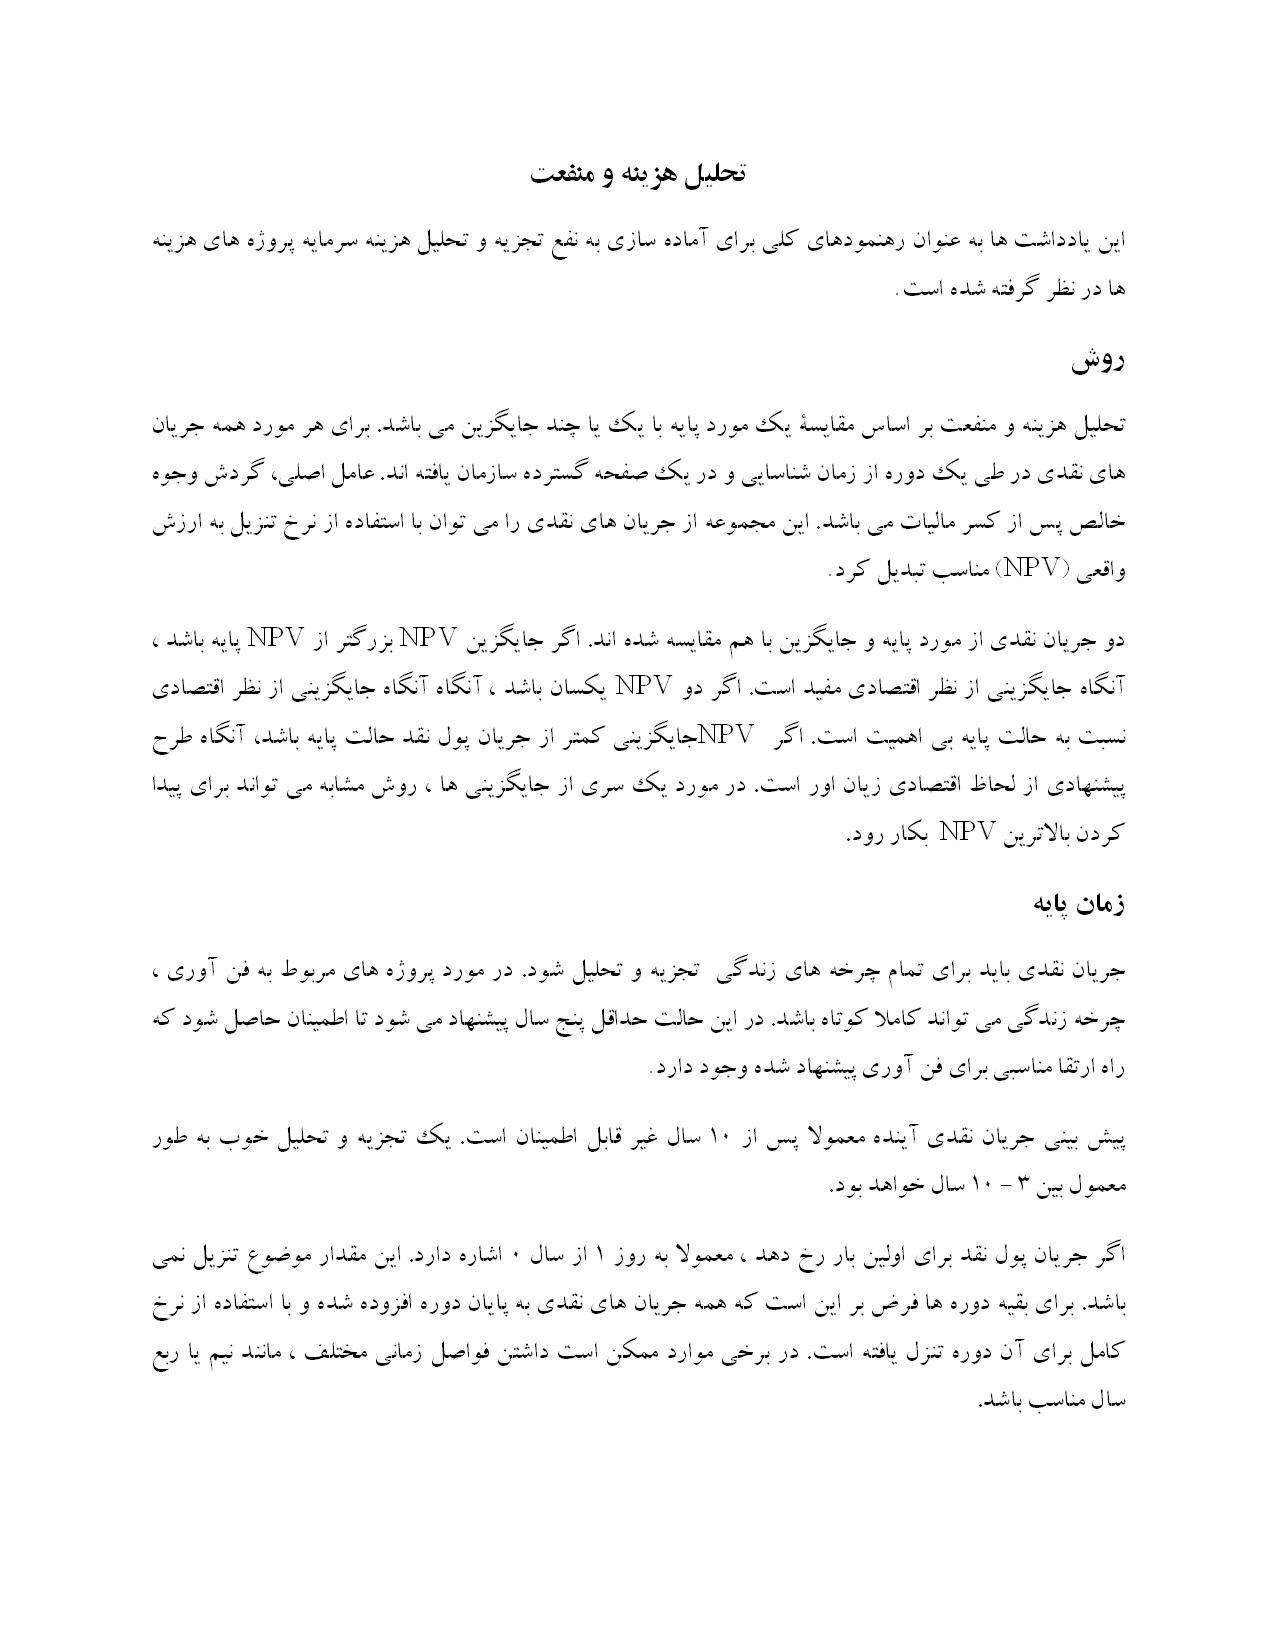 ترجمه مقاله و تحقیق - تحلیل هزینه و منفعت